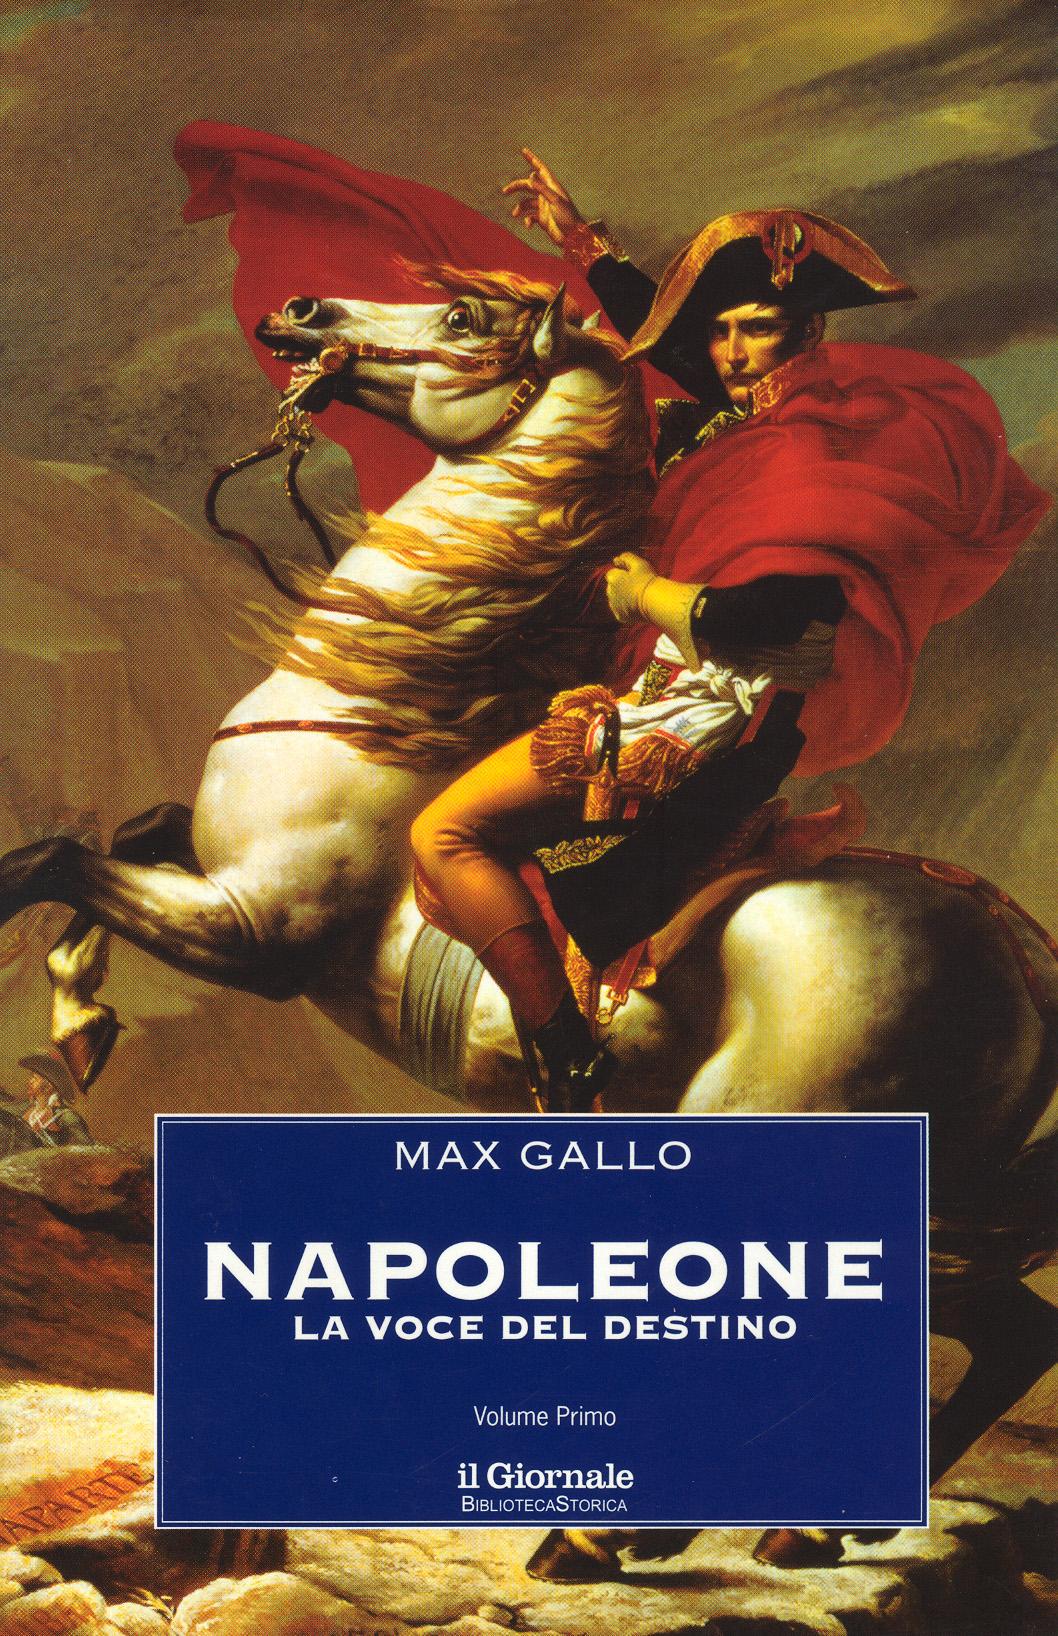 Napoleone - Vol. 1